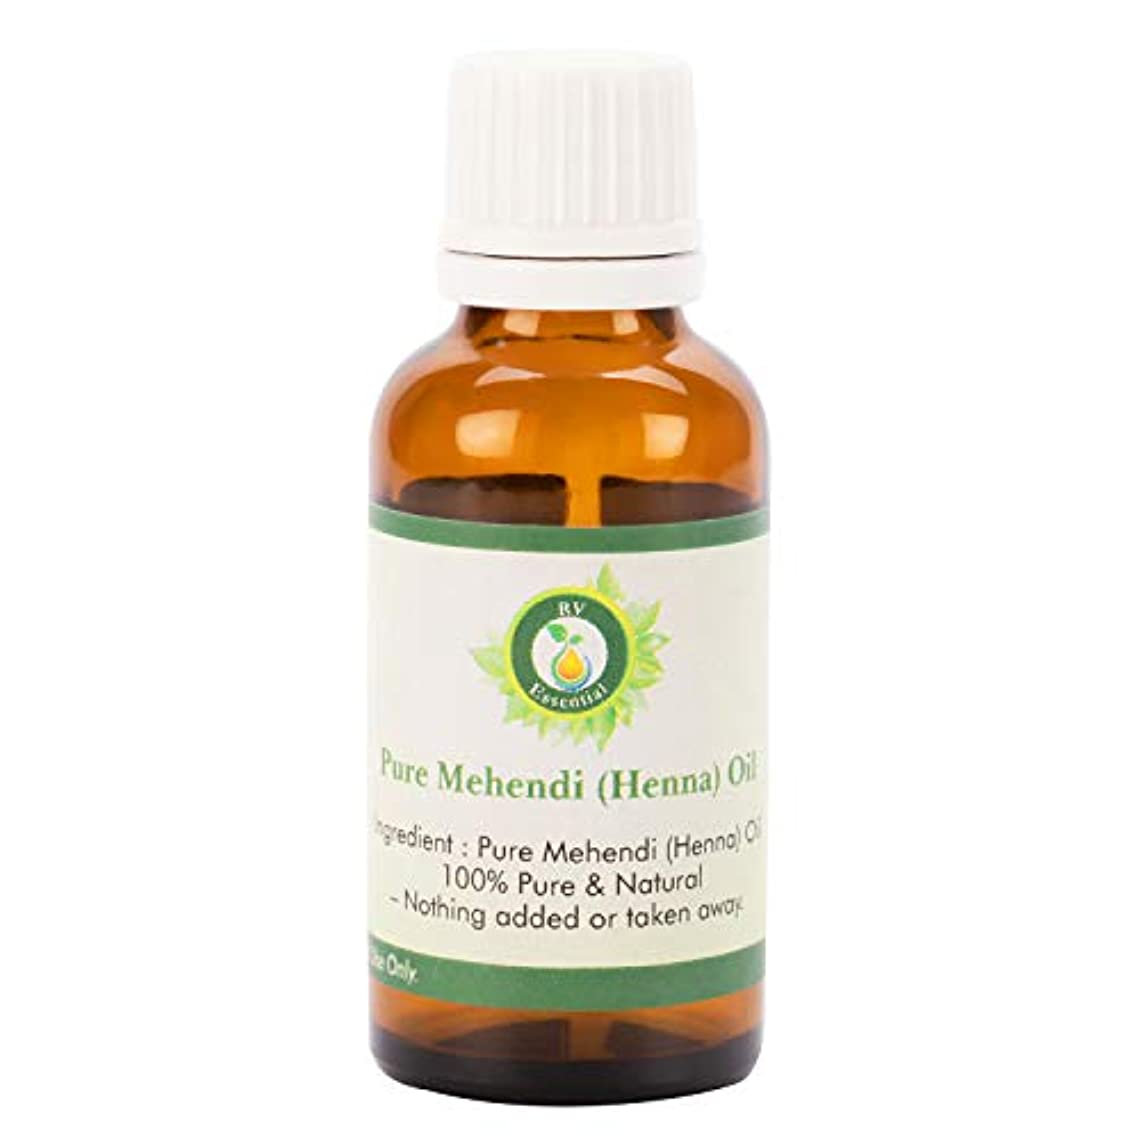 かどうかチョーク分岐するピュアMehendi(ヘナ)オイル100ml (3.38oz)- (100%純粋でナチュラル) Pure Mehendi (Henna) Oil